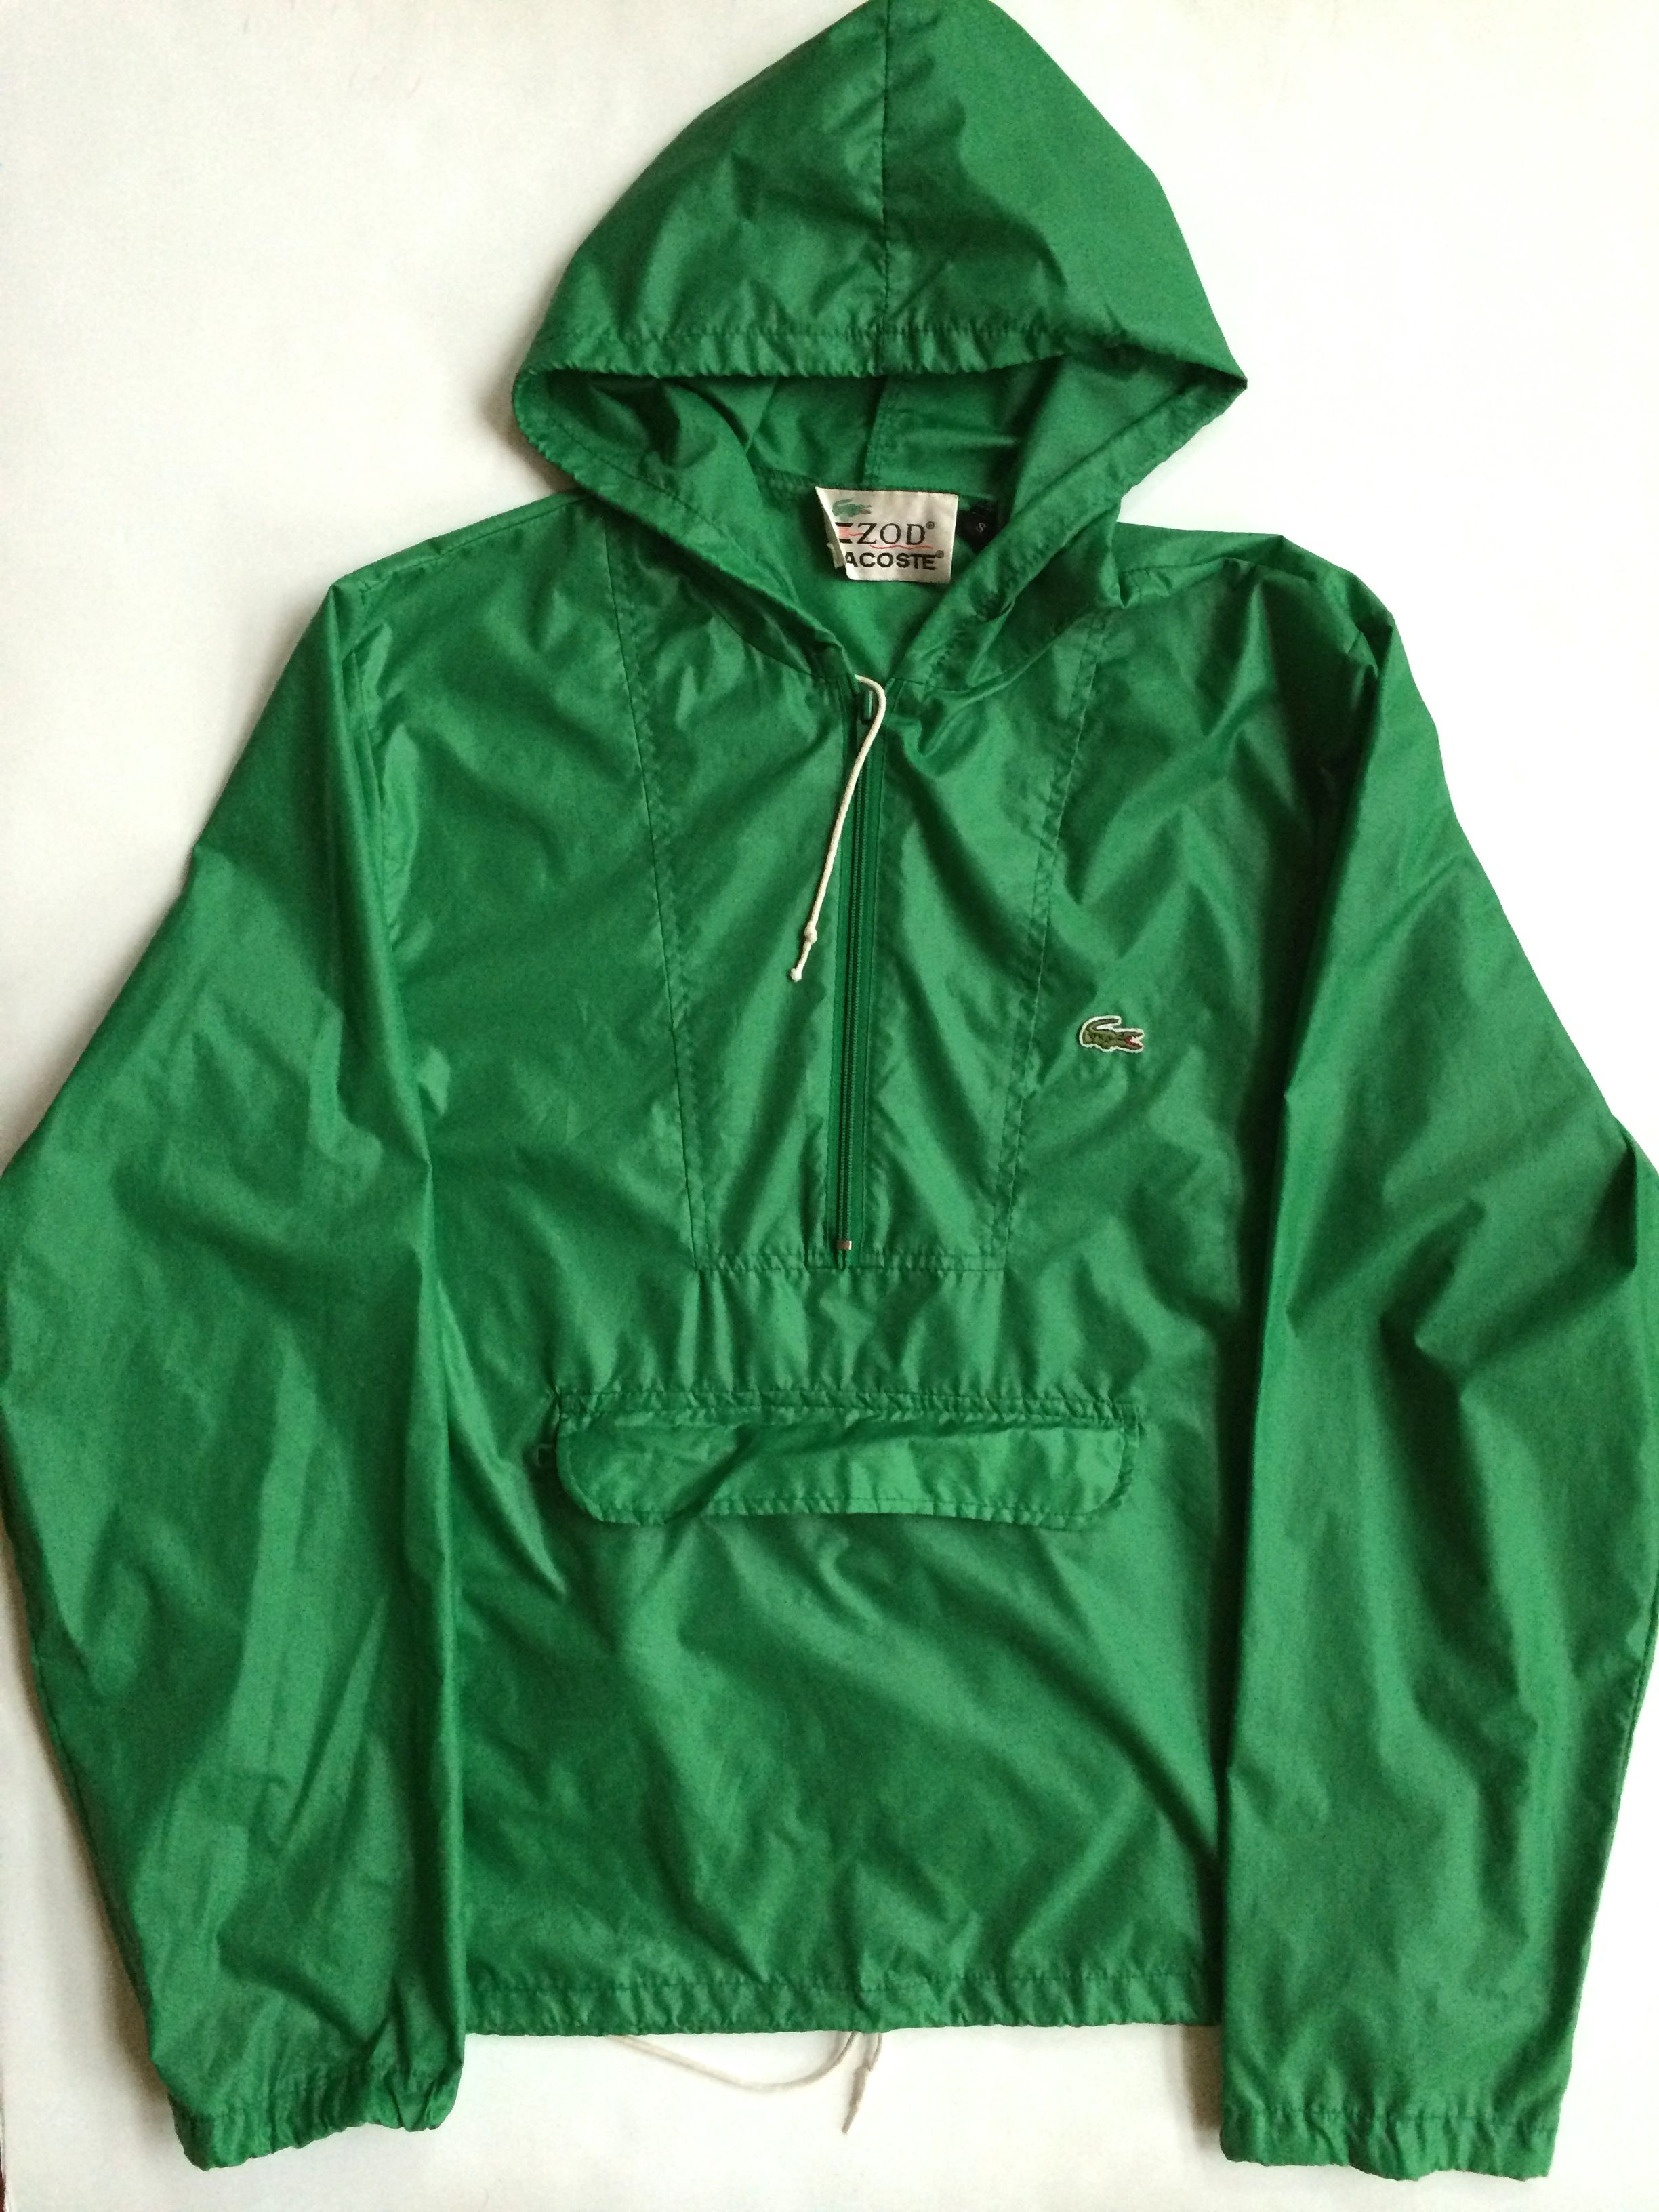 Vintage 80 S Lacoste Izod Green9 Windbreaker Jacket Size Small Windbreaker Jacket Windbreaker Jackets [ 3264 x 2448 Pixel ]